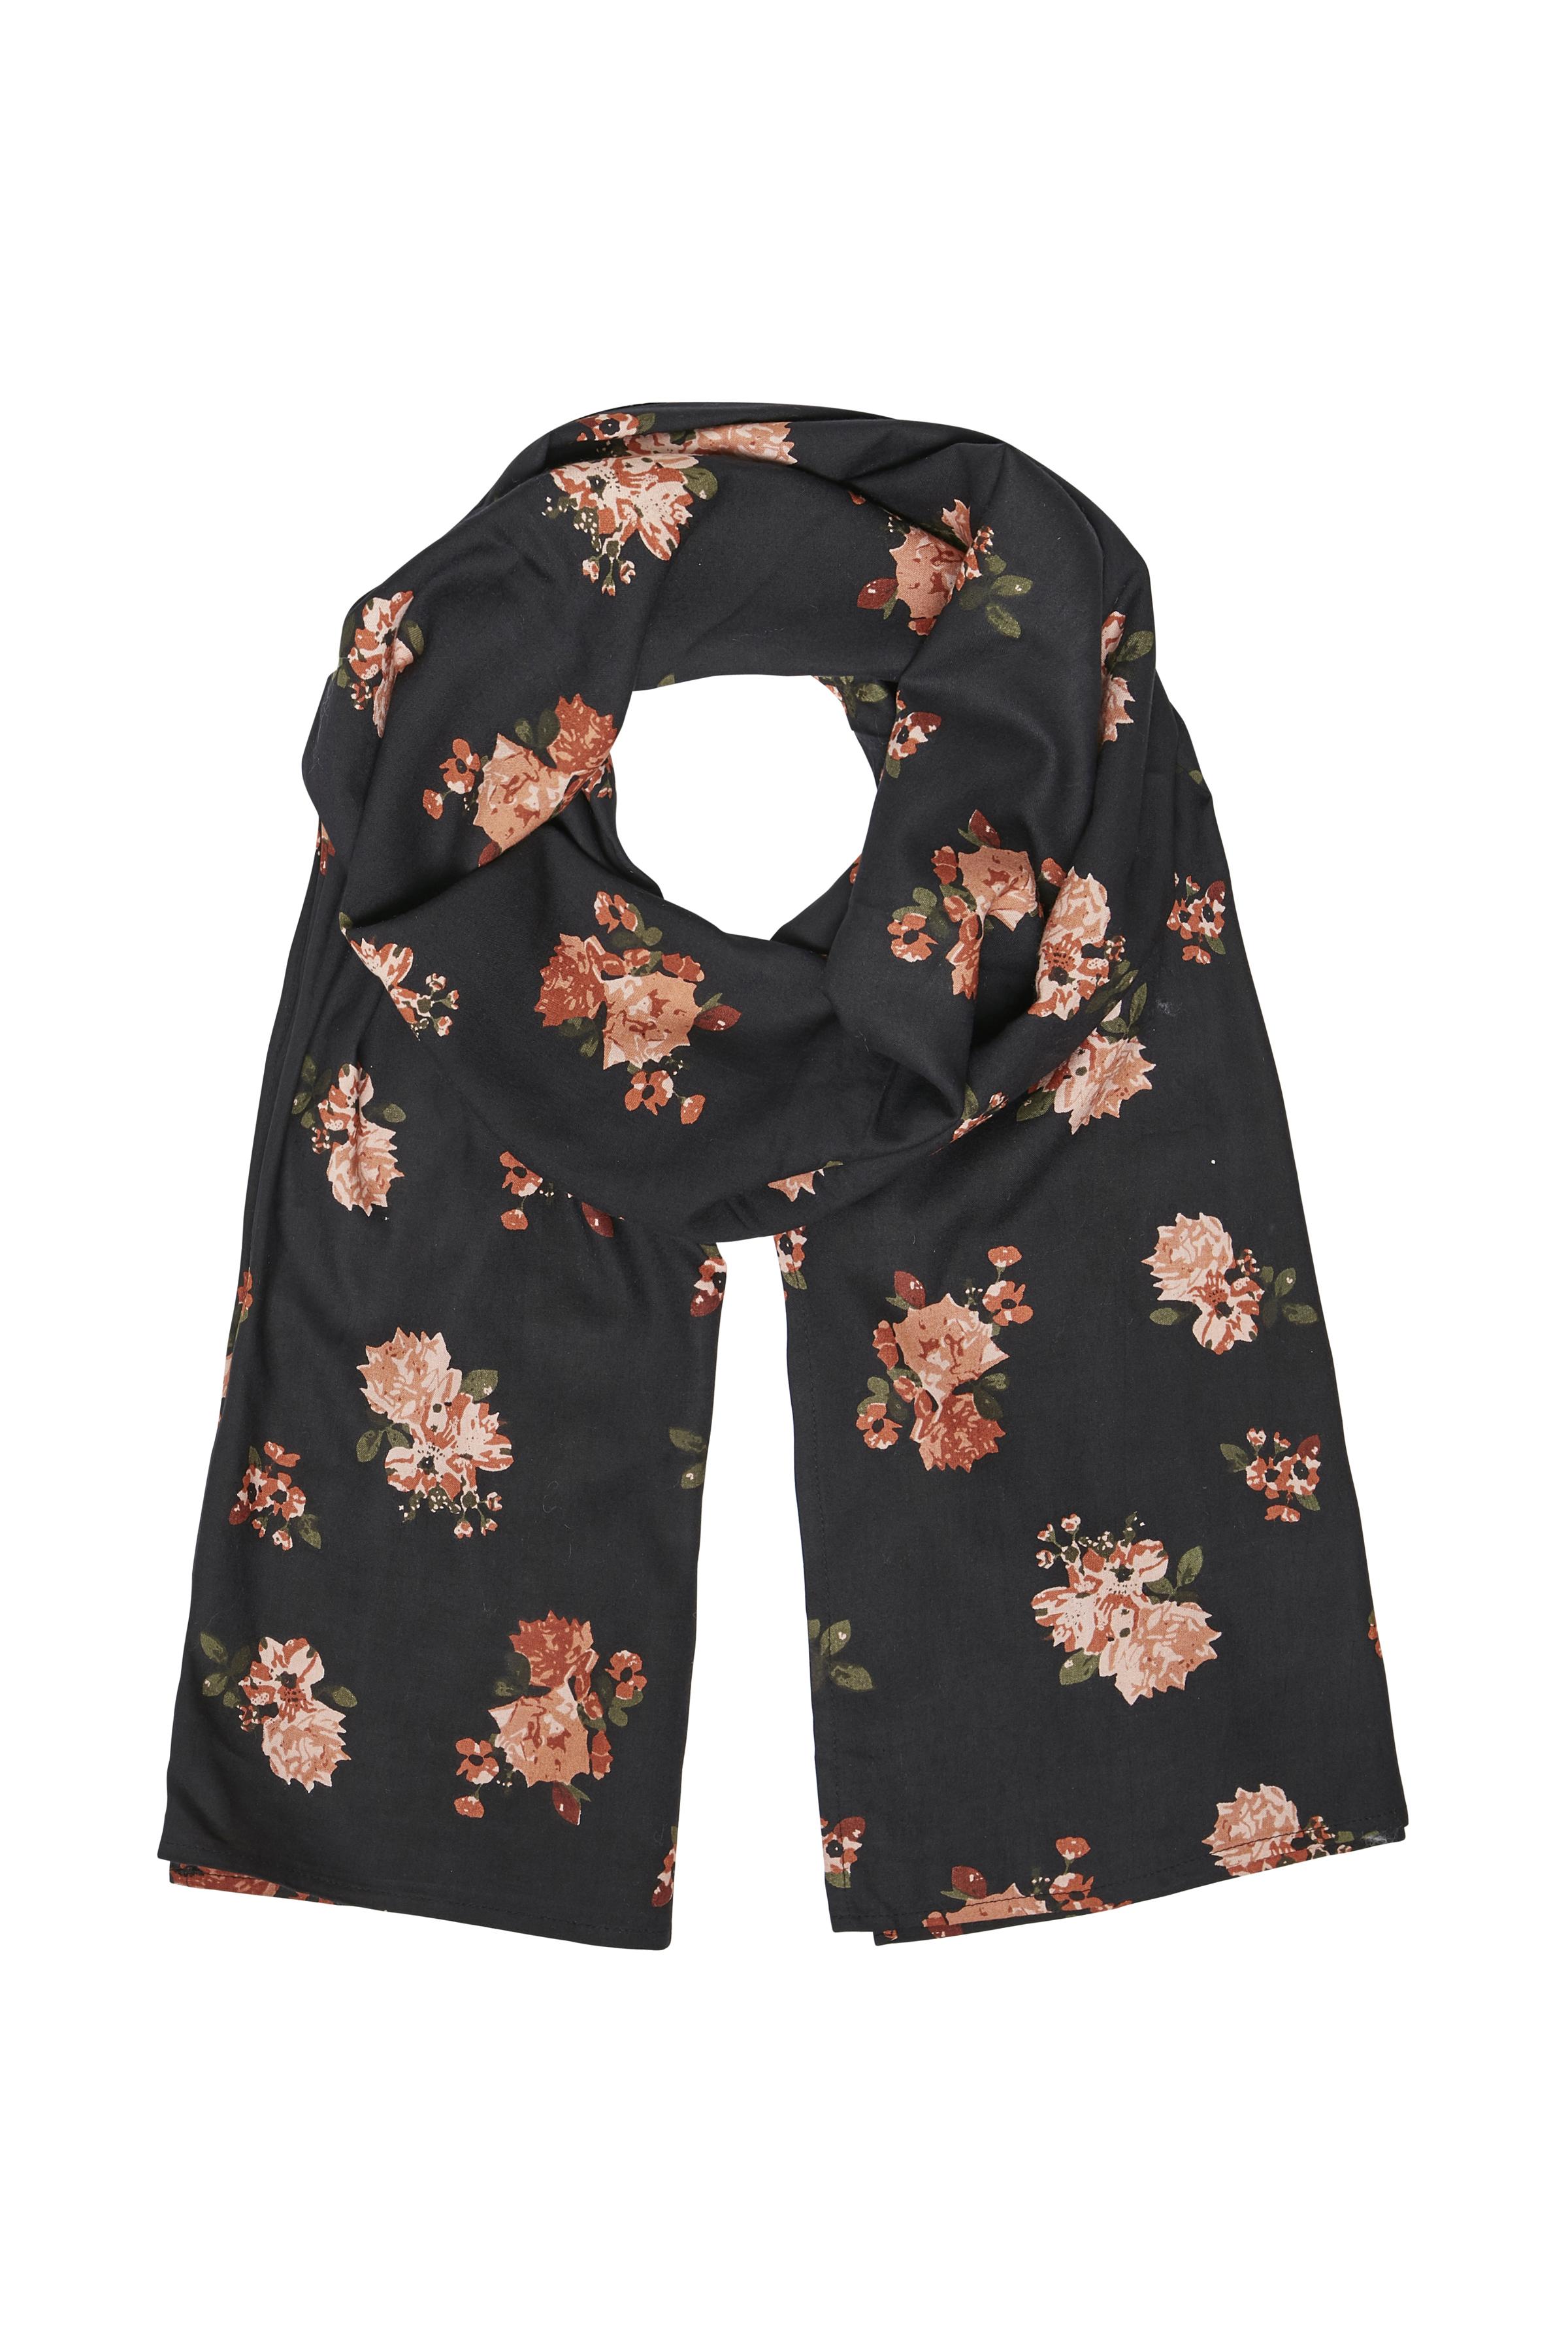 Sort/brun Tørklæde fra Bon'A Parte – Køb Sort/brun Tørklæde fra str. ONE her